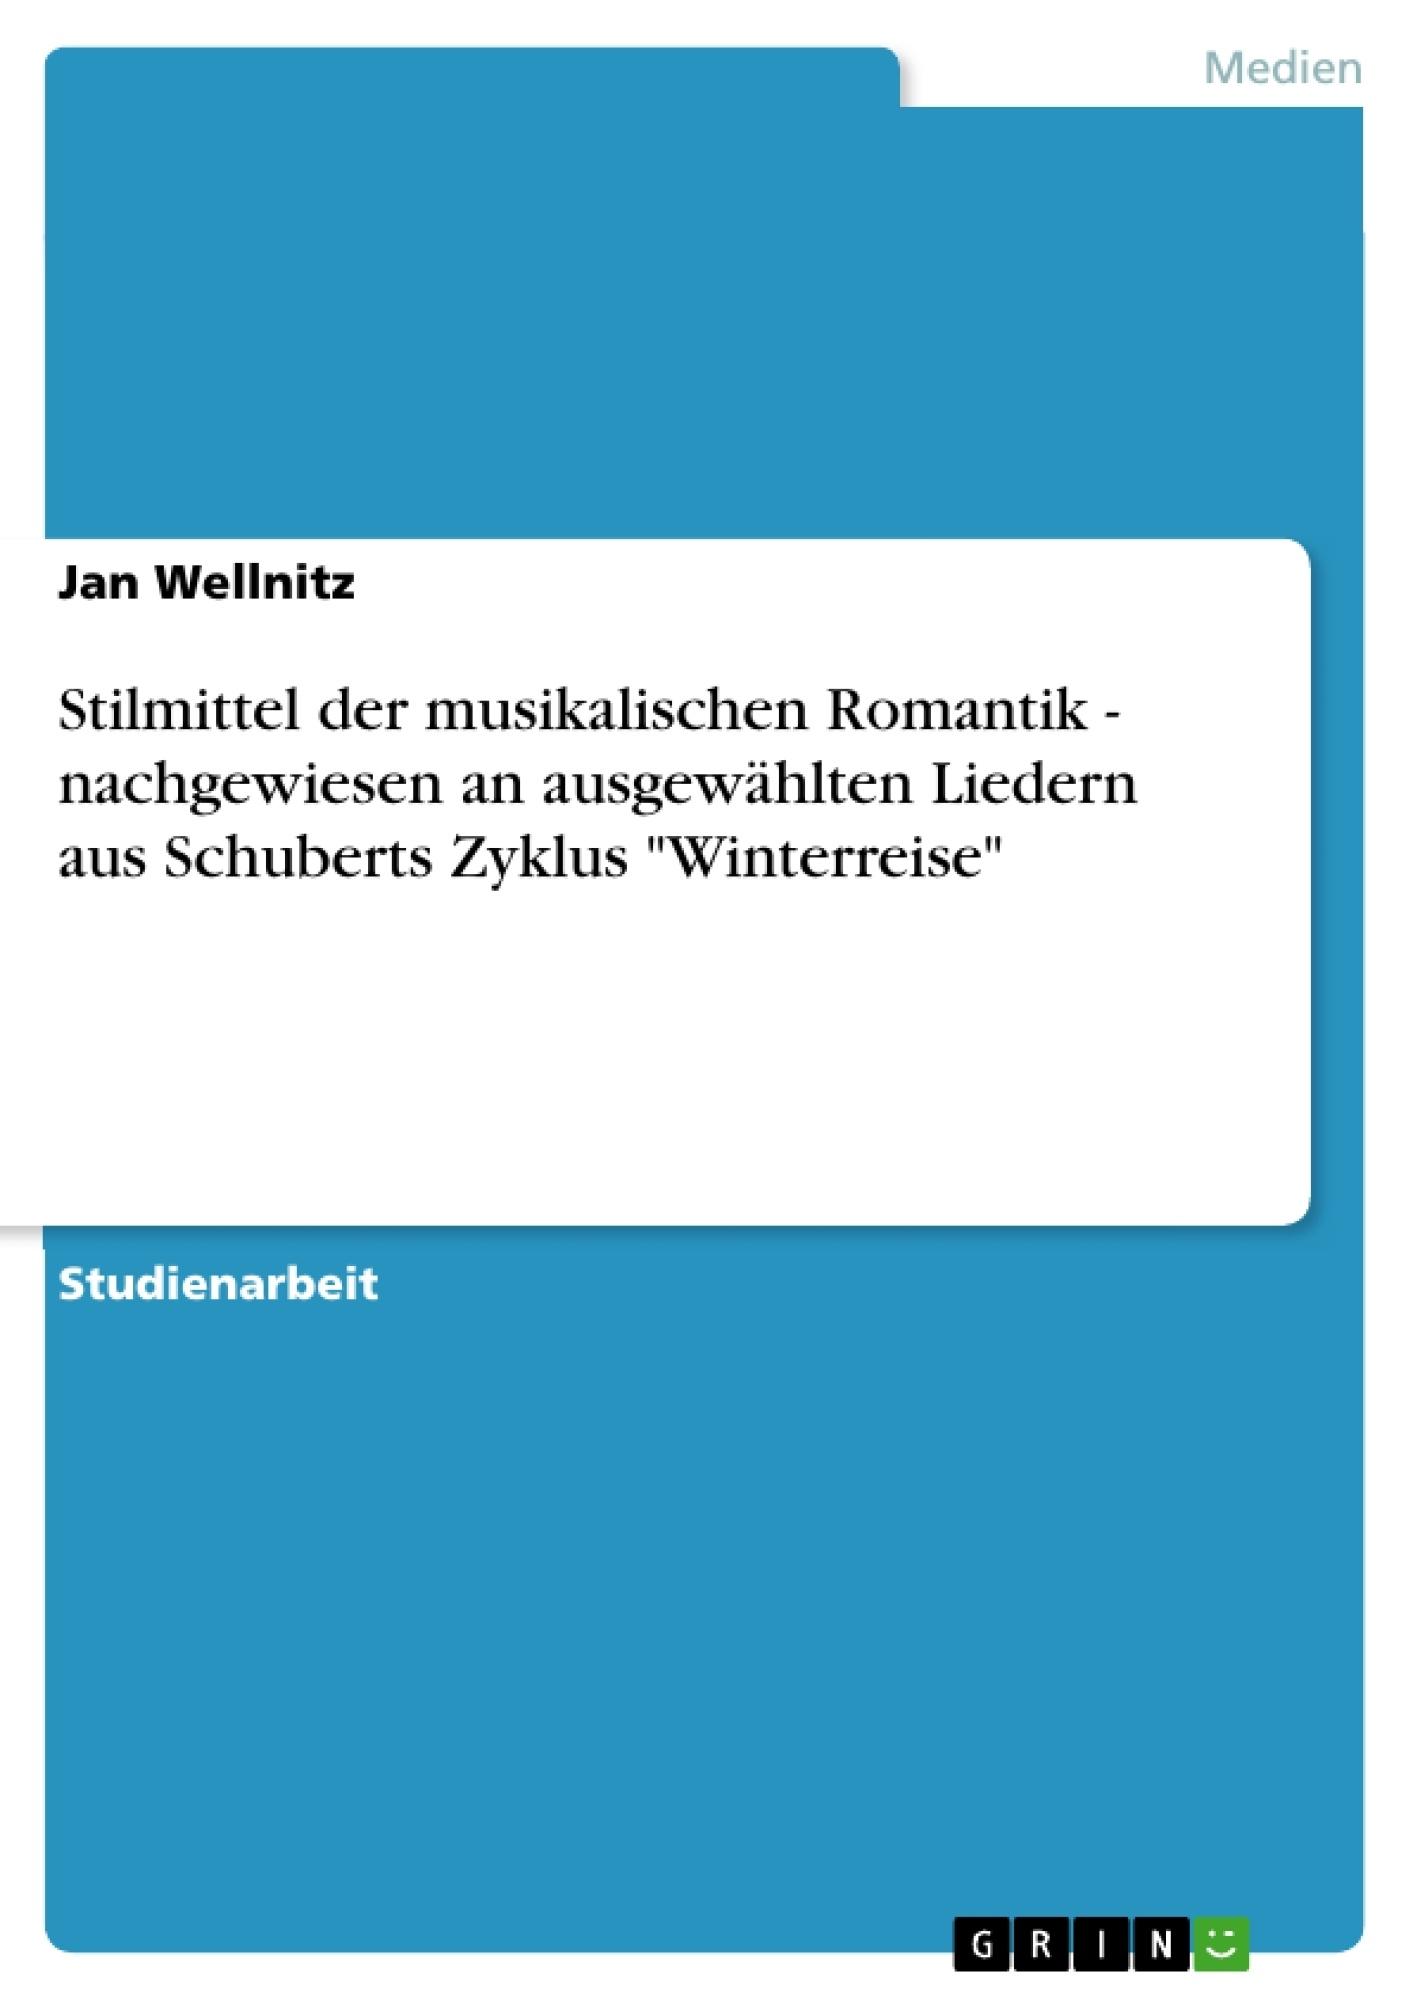 """Titel: Stilmittel der musikalischen Romantik - nachgewiesen an ausgewählten Liedern aus Schuberts Zyklus """"Winterreise"""""""